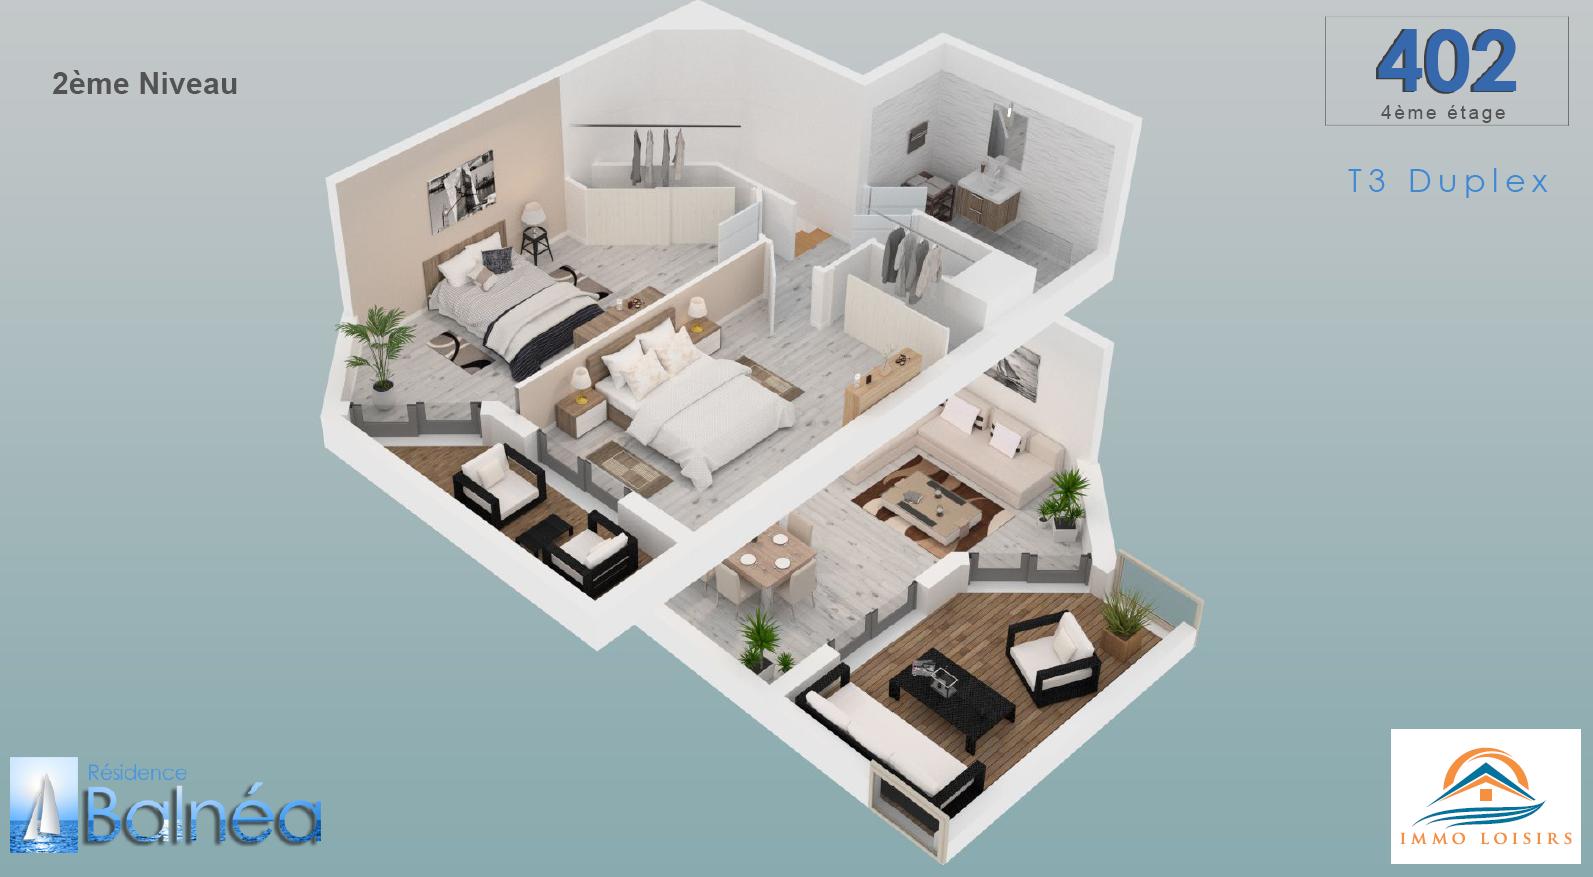 Lot402 Etage